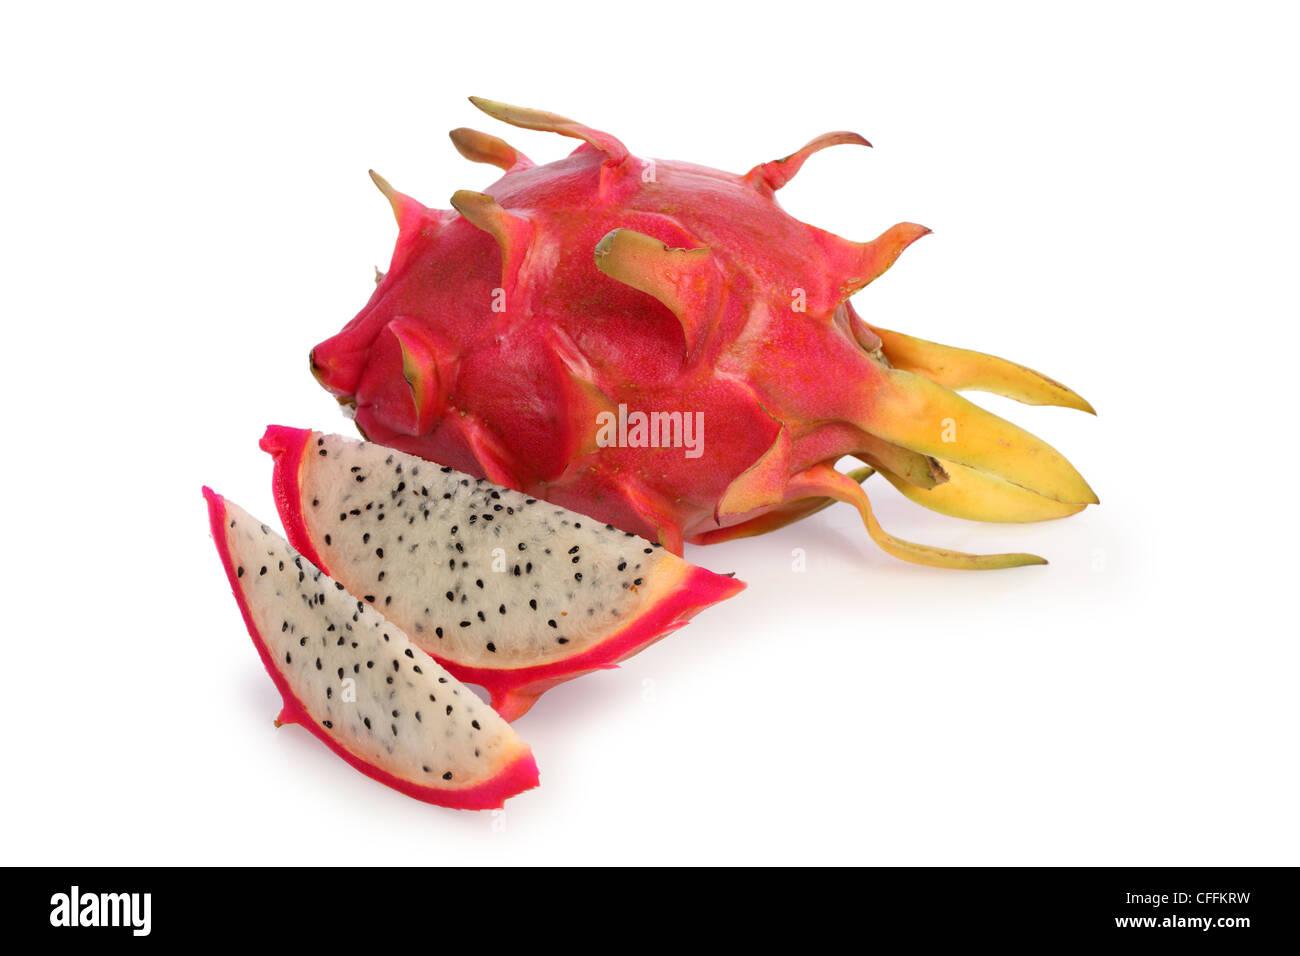 Ganze und geschnittene Drachenfrucht schneiden Sie auf weißem Hintergrund Stockbild